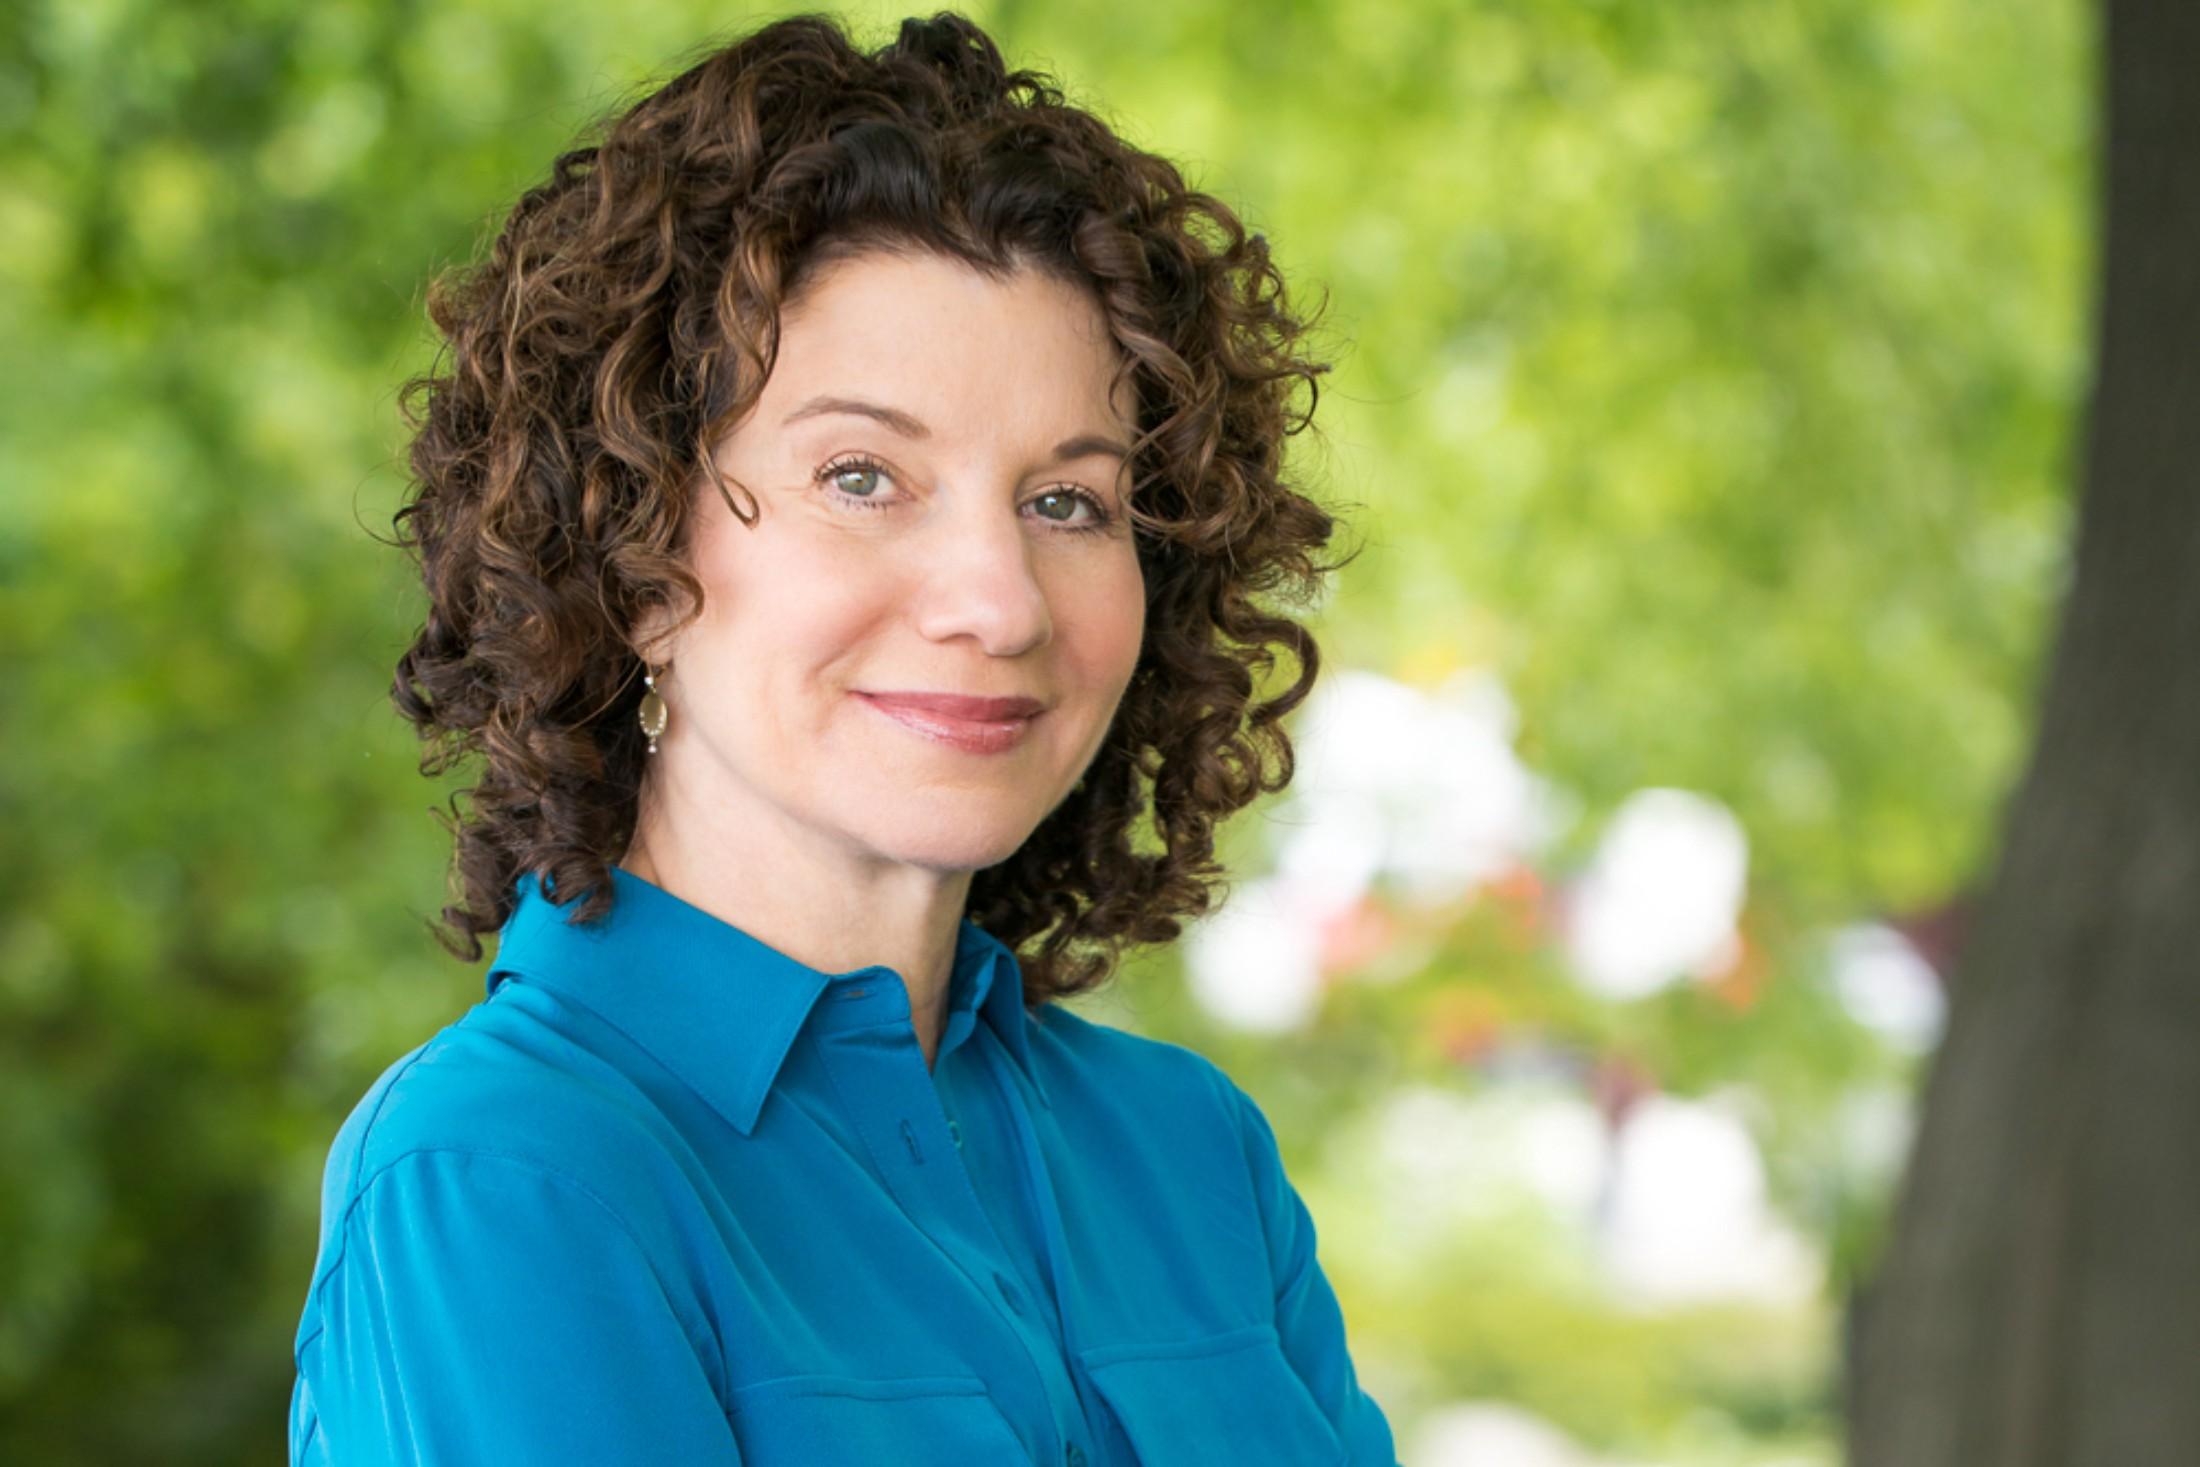 portait image of Dr. Gail Saltz